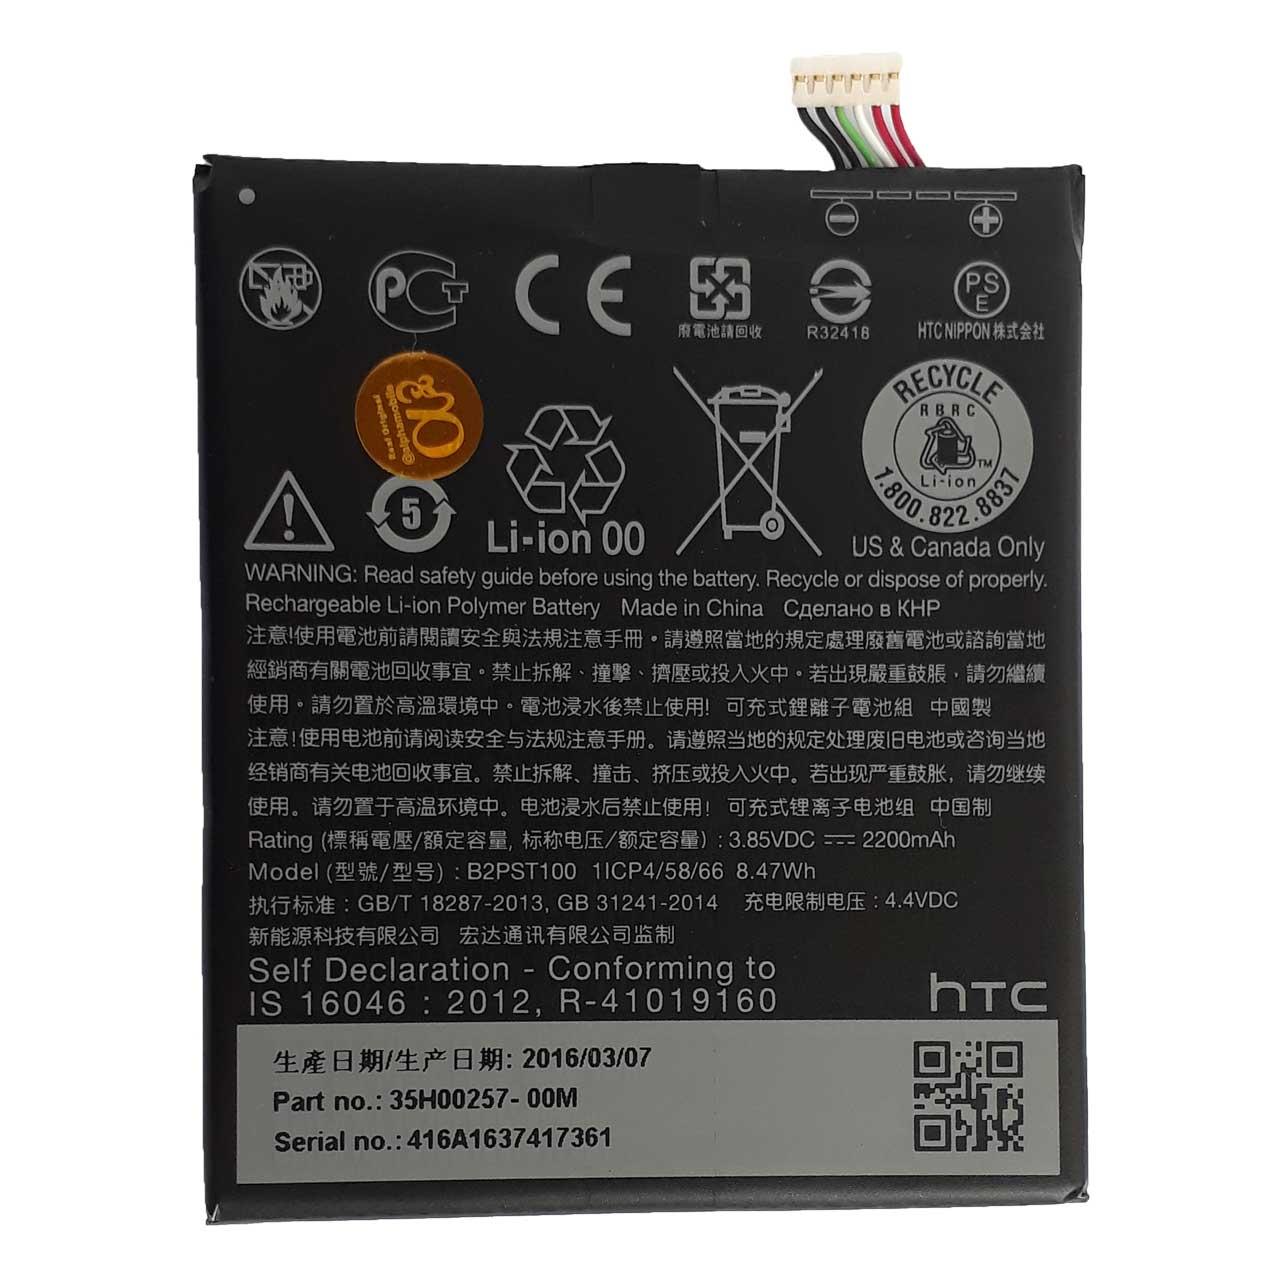 باتری موبایل مدل B2PST100 ظرفیت 2200 میلی آمپر ساعت مناسب گوشی اچ تی سی Desire 530